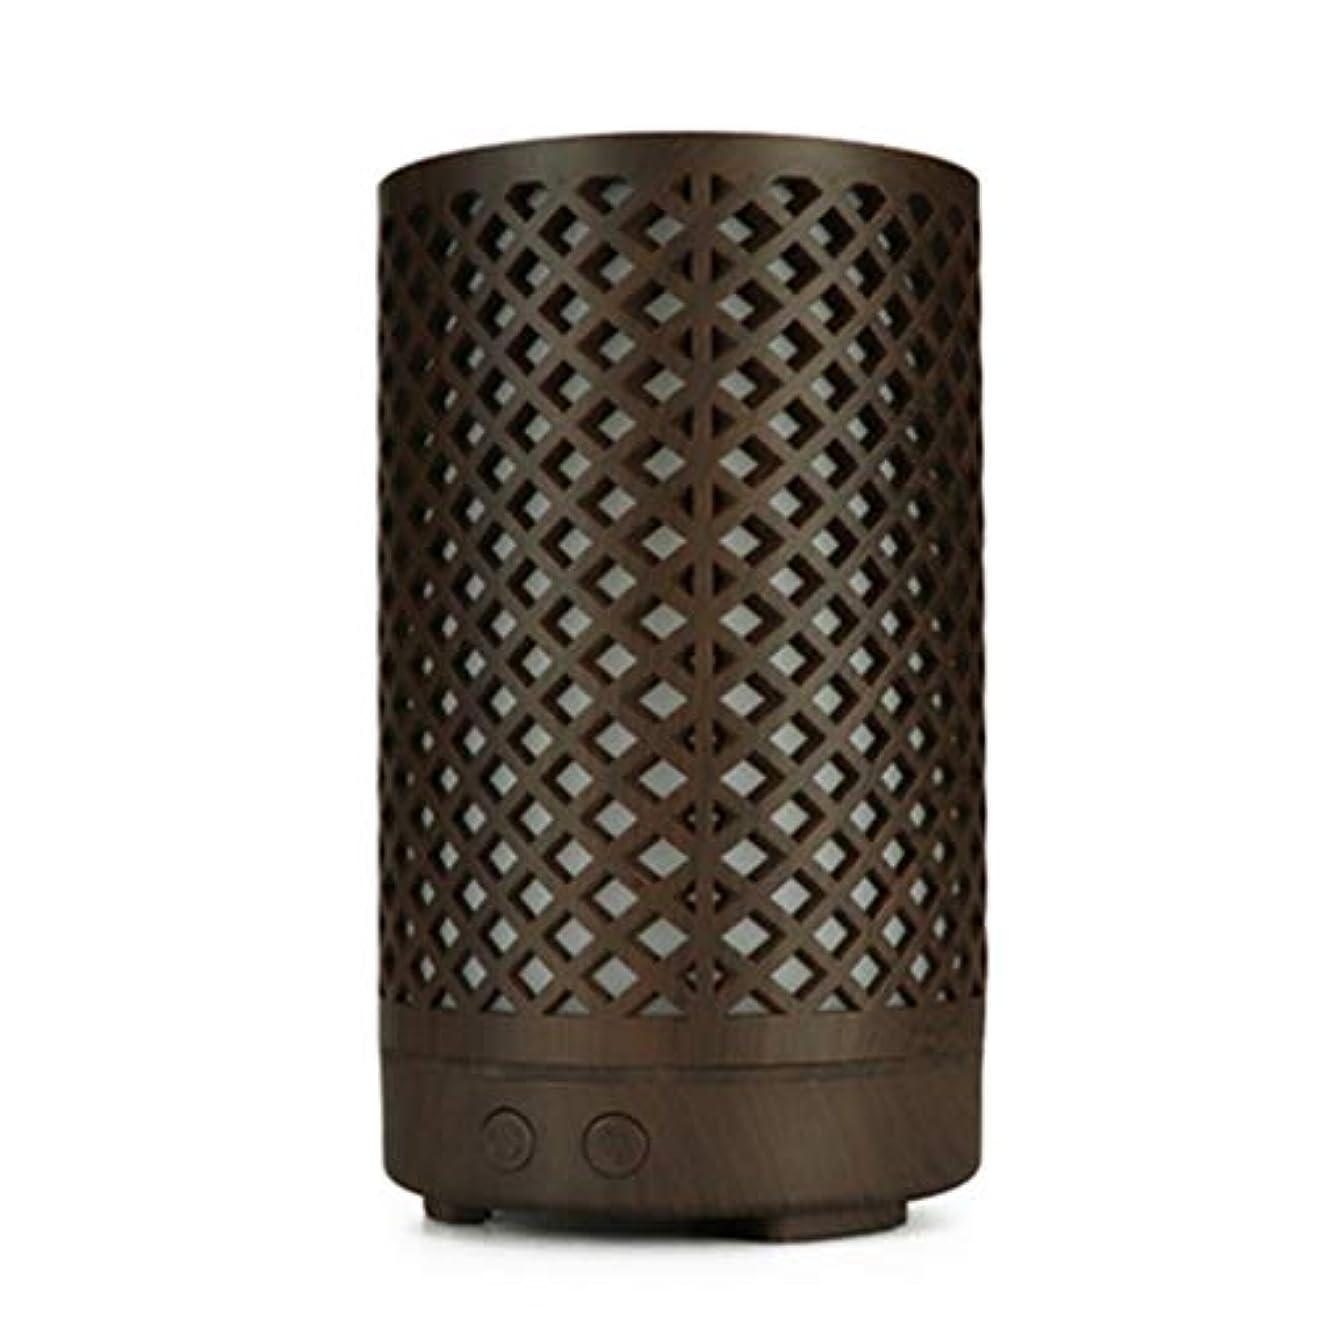 パック送るインシデント木目加湿器家庭用100ミリリットルミニデスクトップカラフルなアロマテラピーマシン (Color : Dark wood grain)